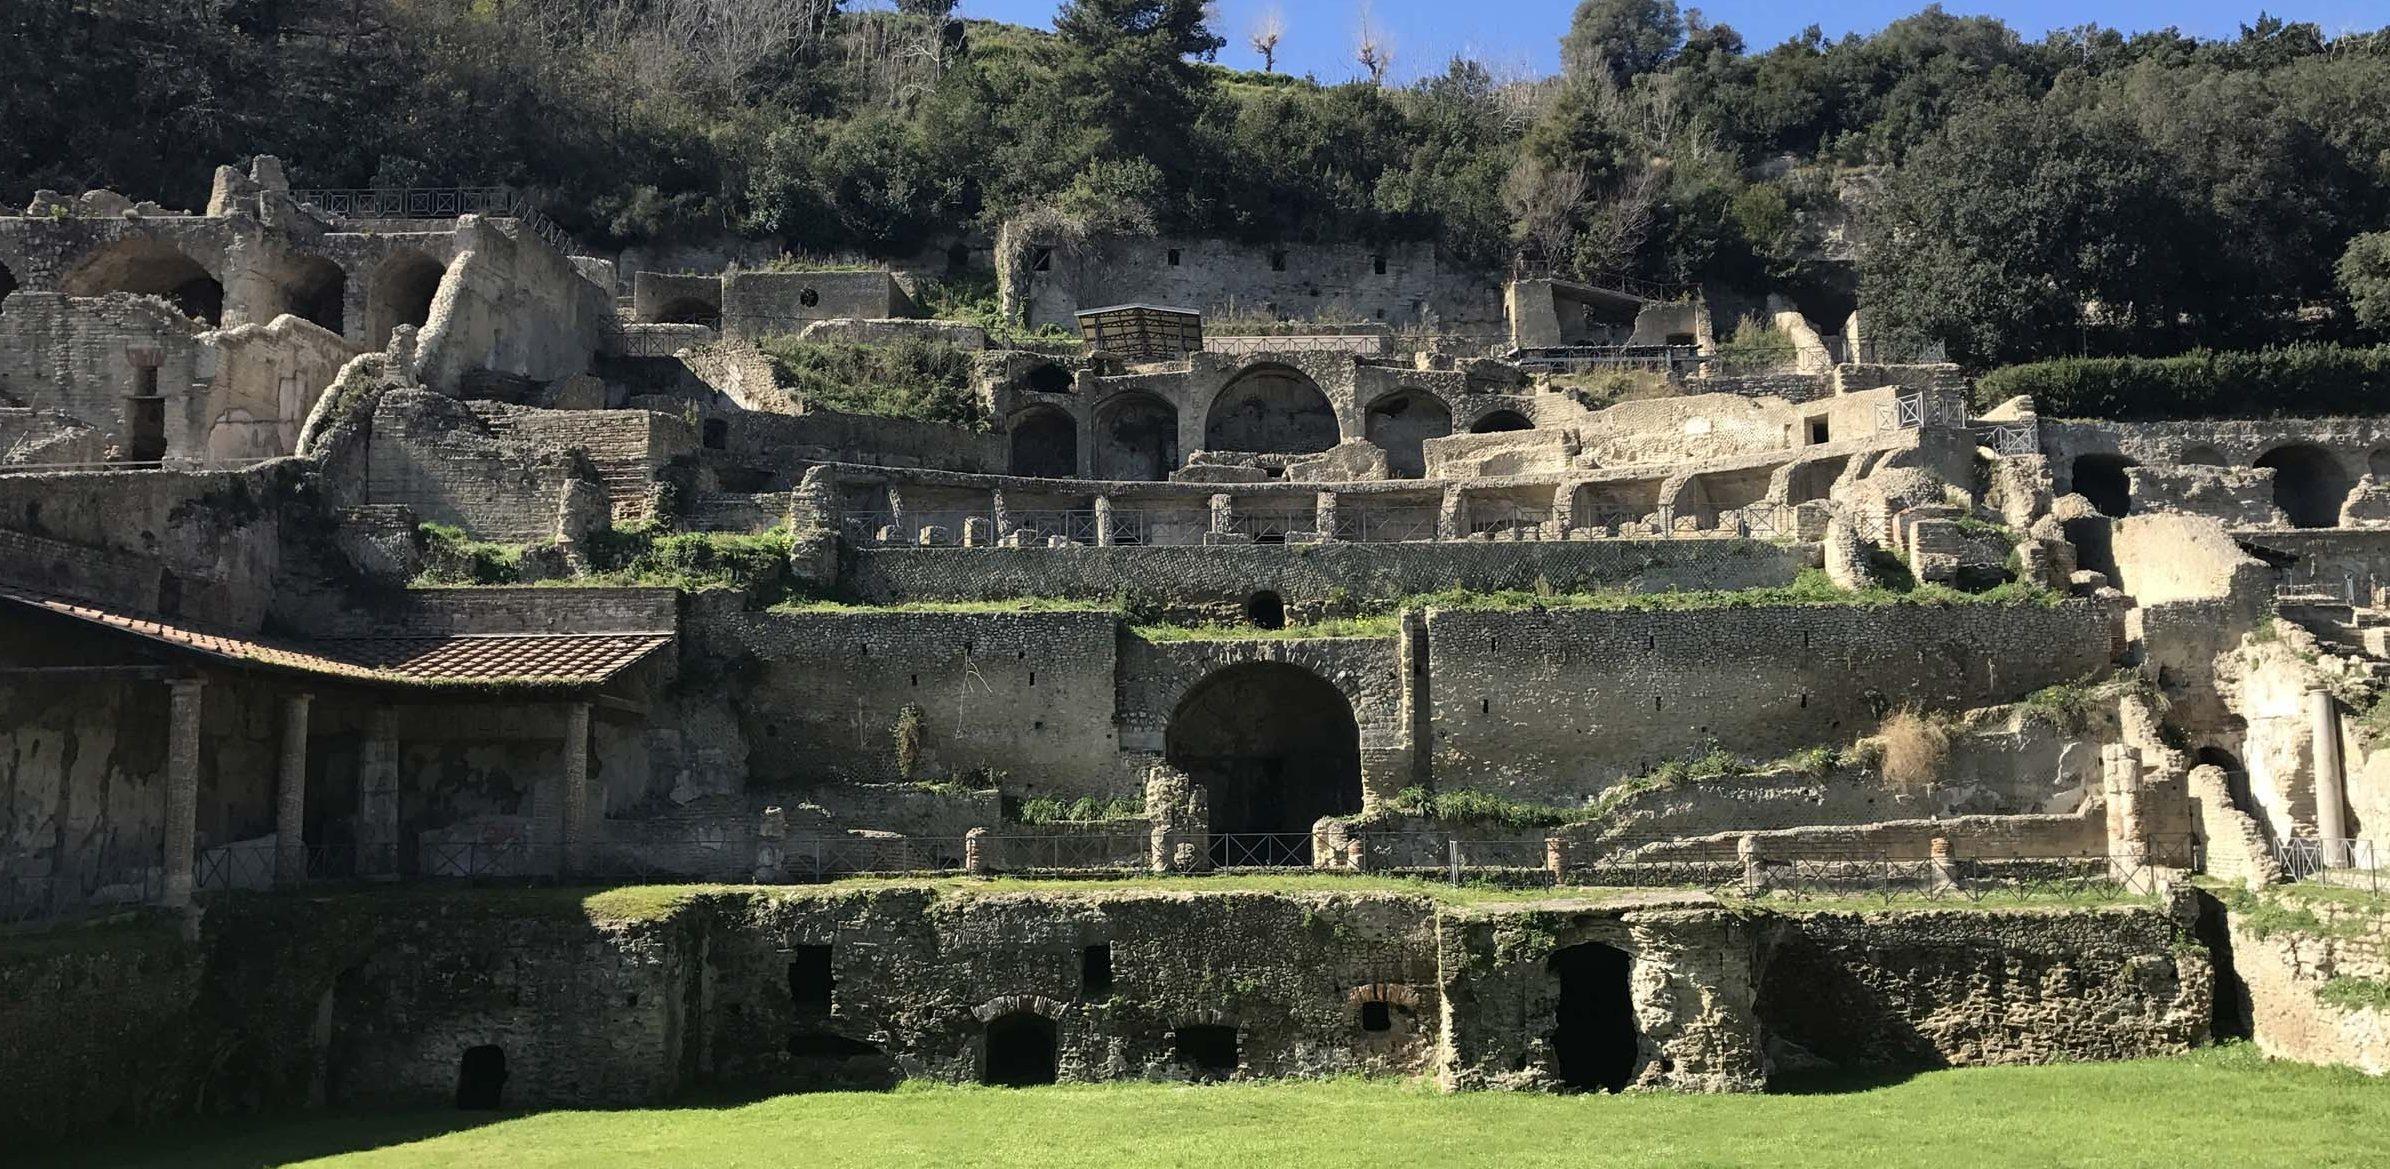 parco-archeologico-delle-terme-di-baia